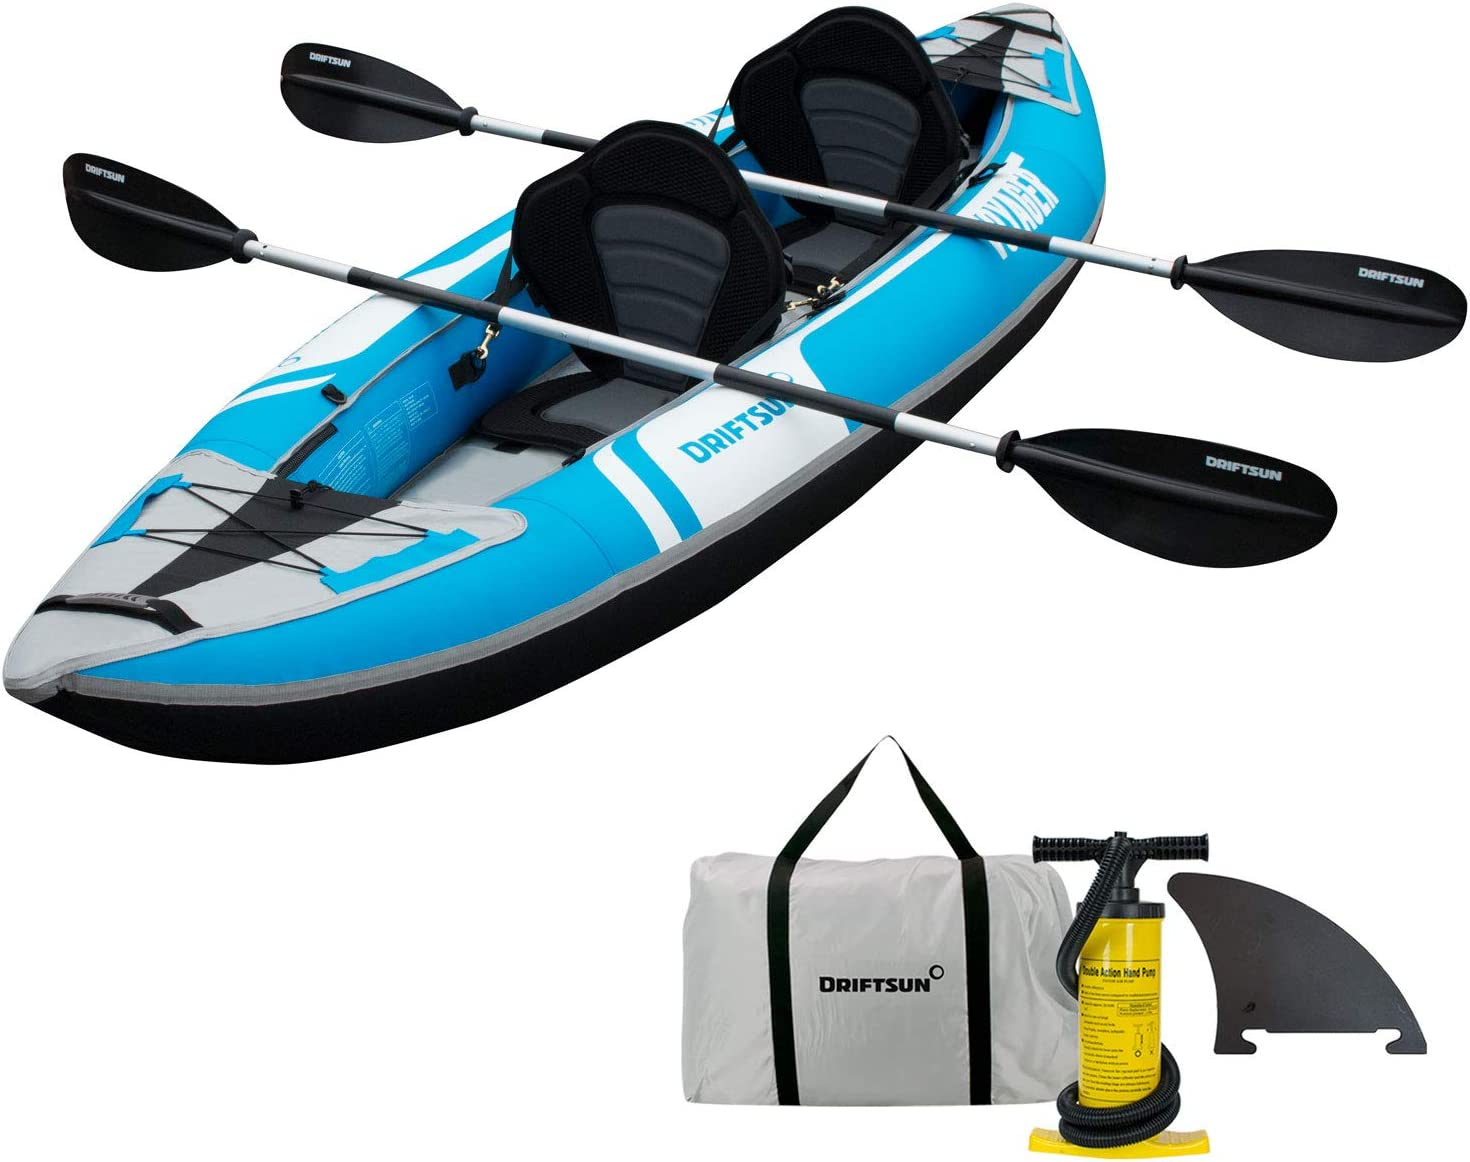 71O0Vb1pBhL. AC SL1500 rib inflatable boat